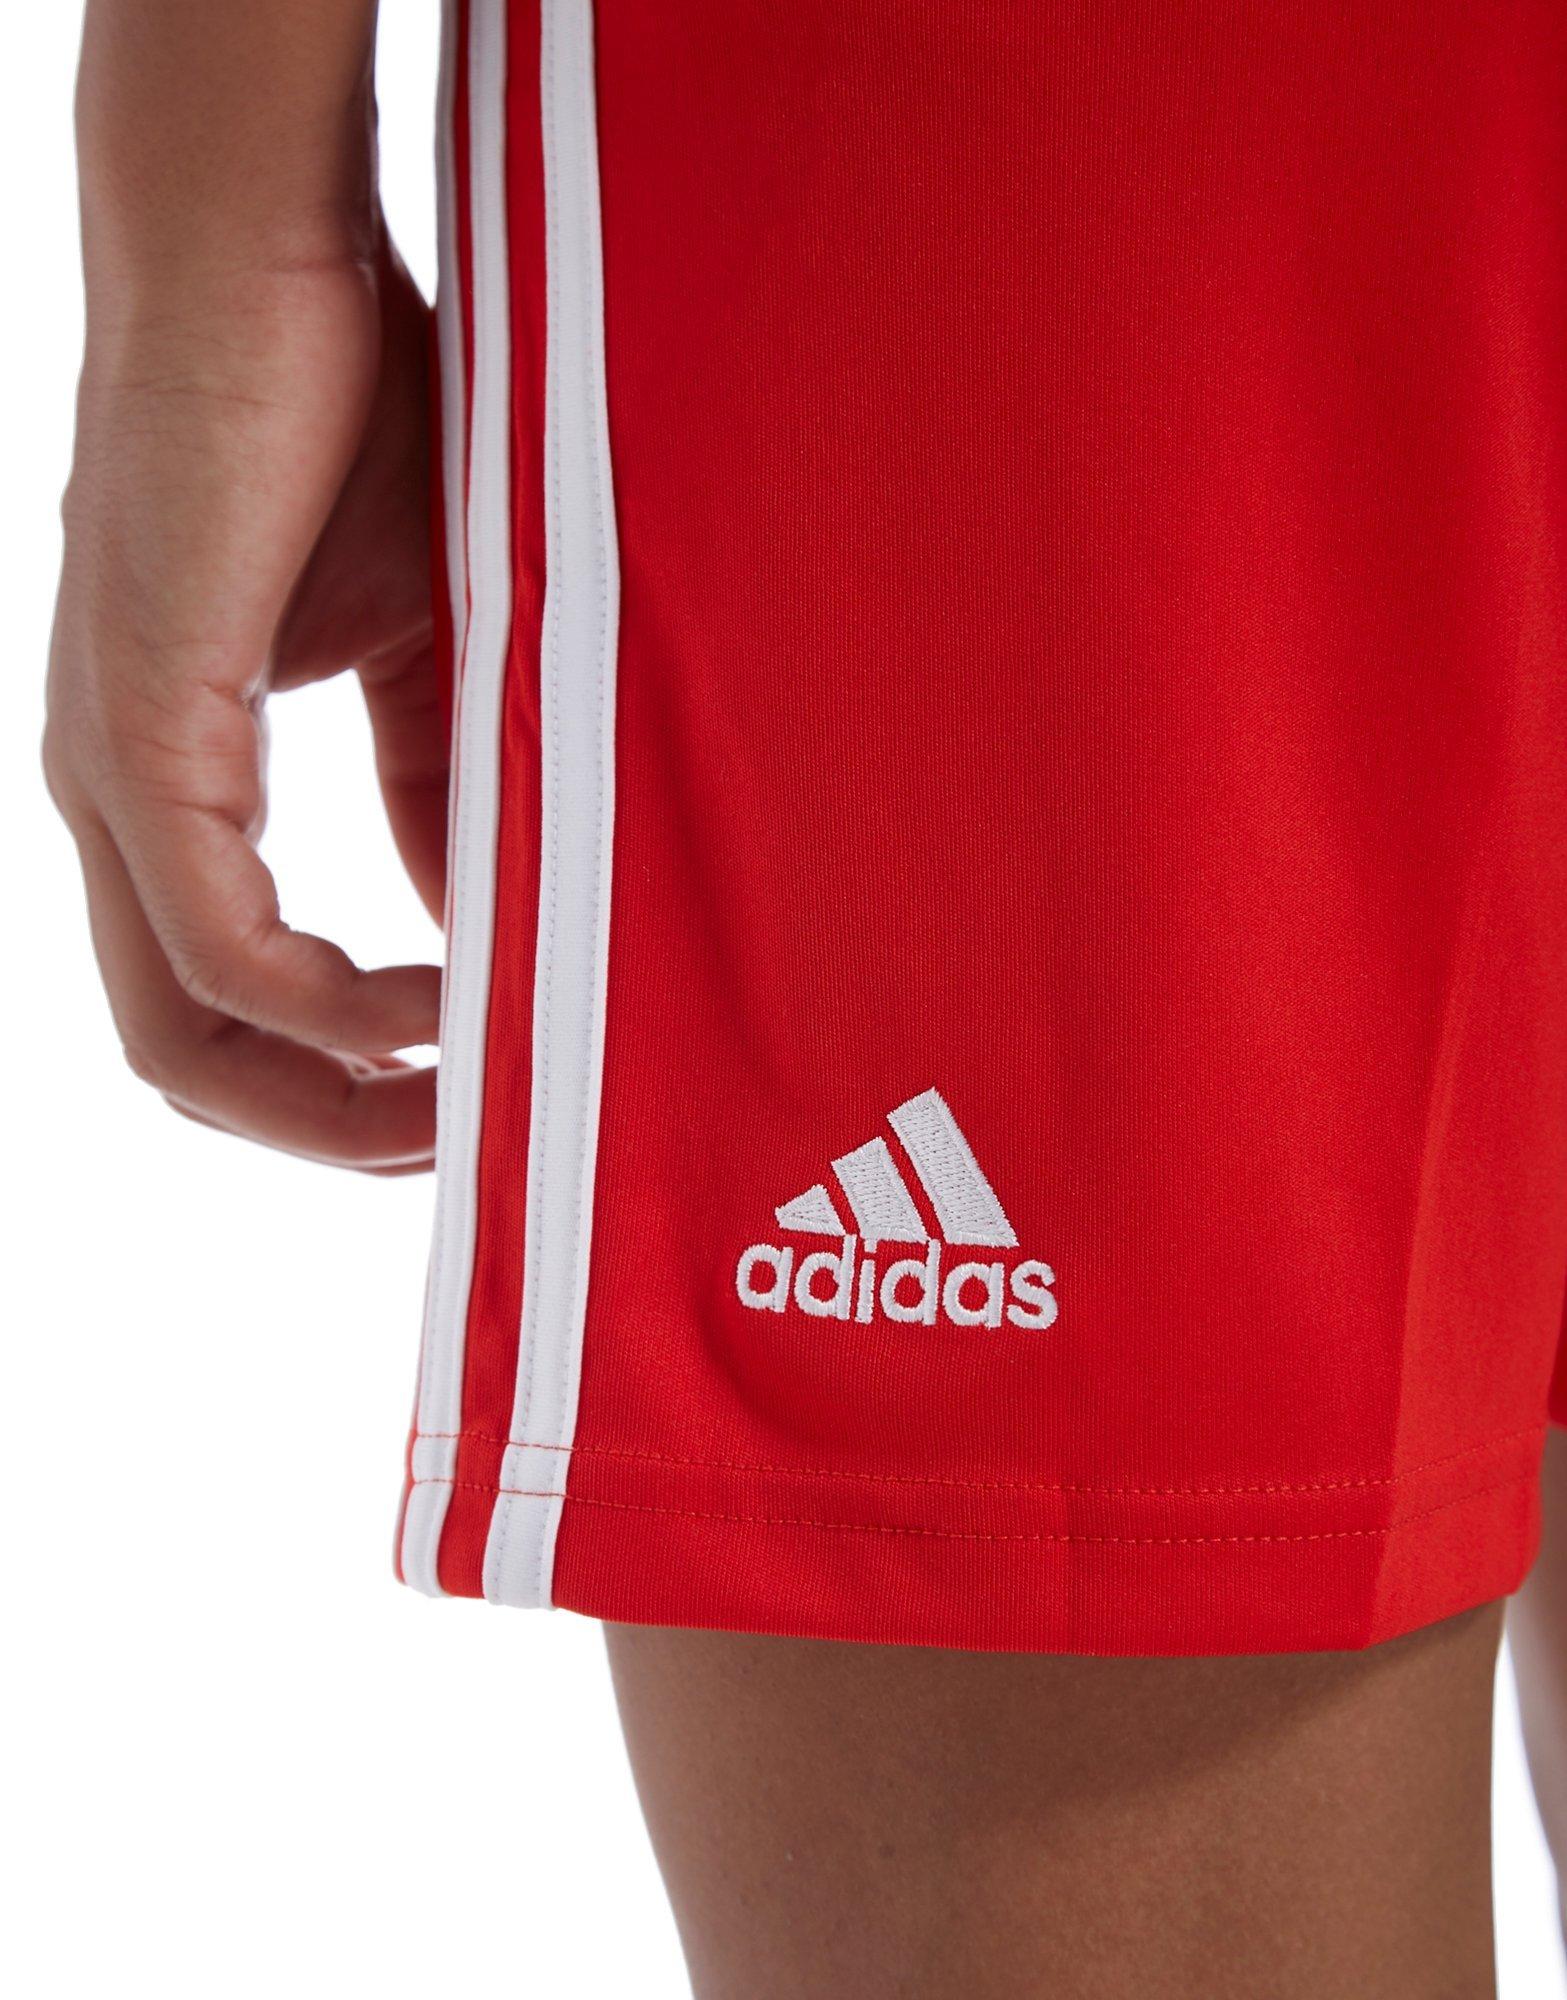 adidas Wales 2018/19 Home Shorts Junior